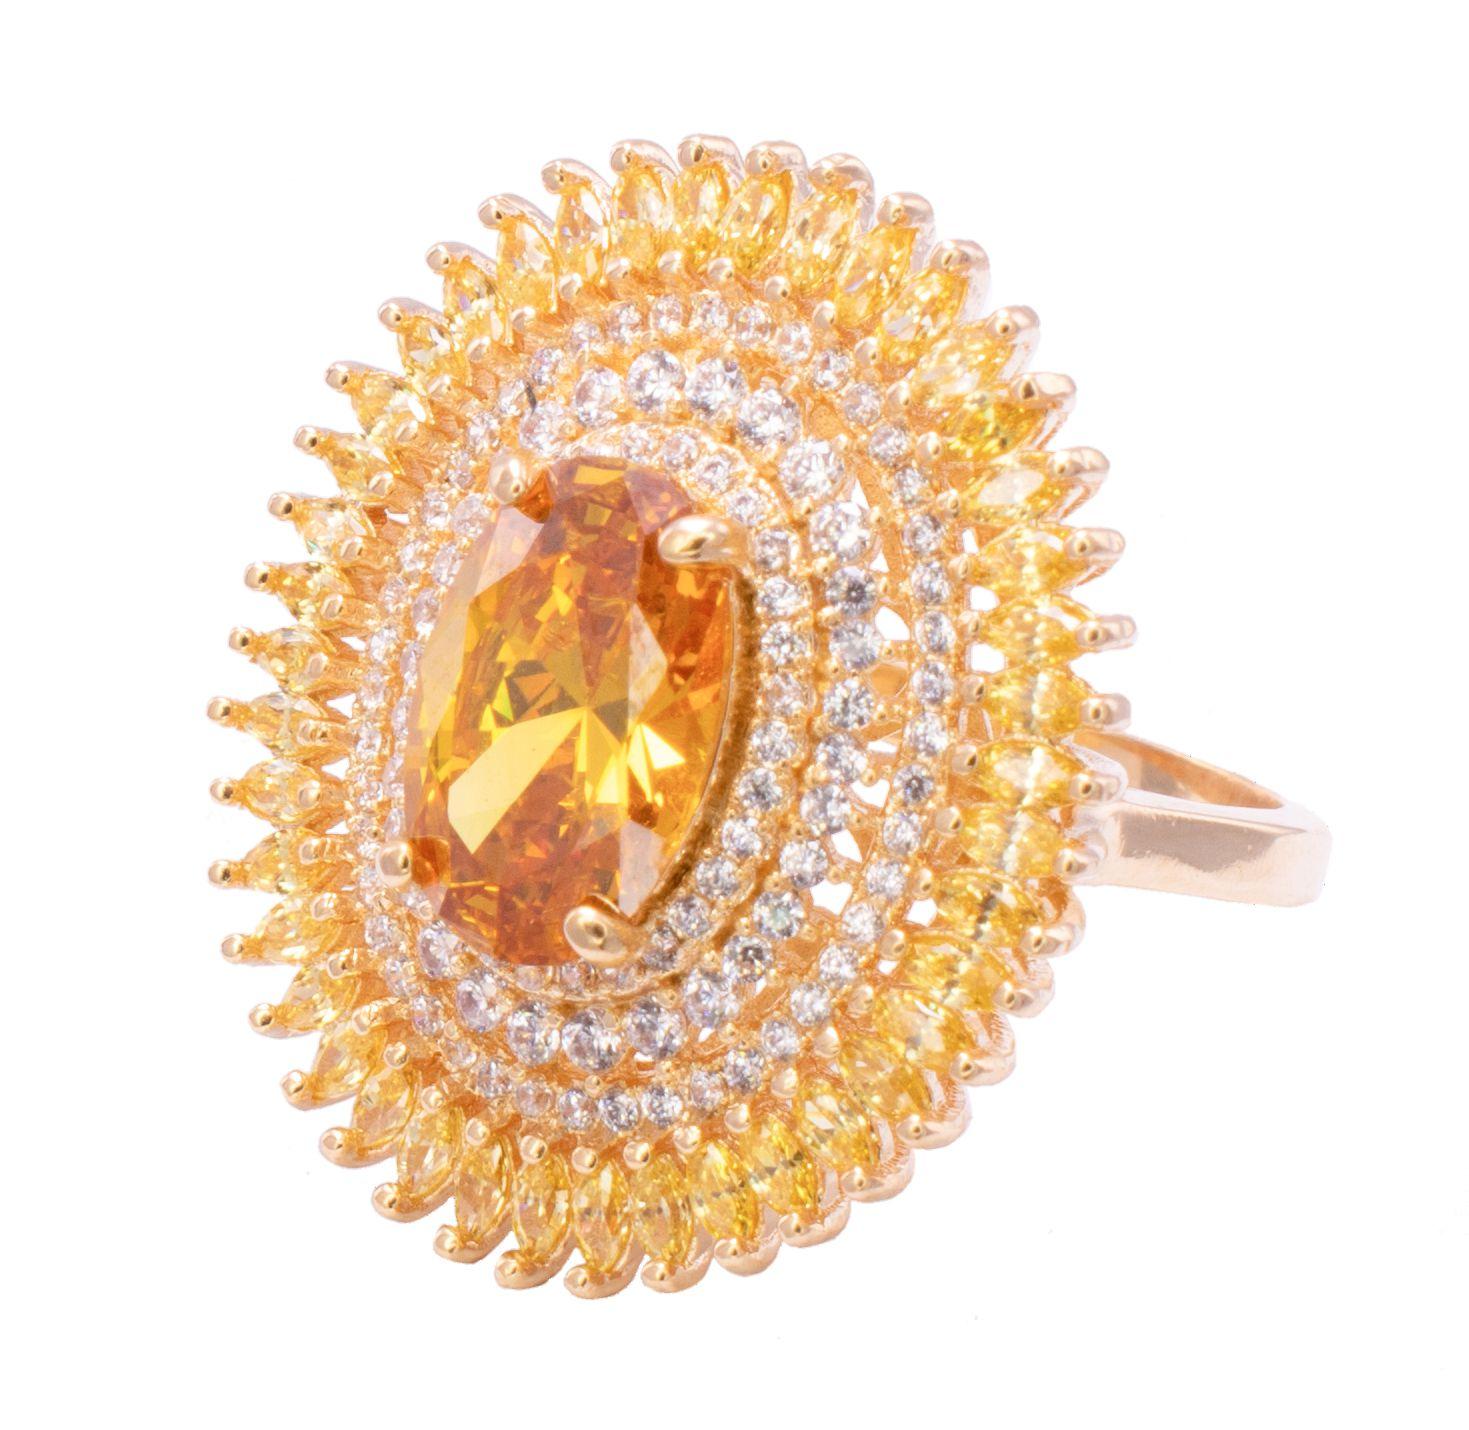 Anel Oval com Cristal Amarelo e Zircônias Folheado em Ouro 18k